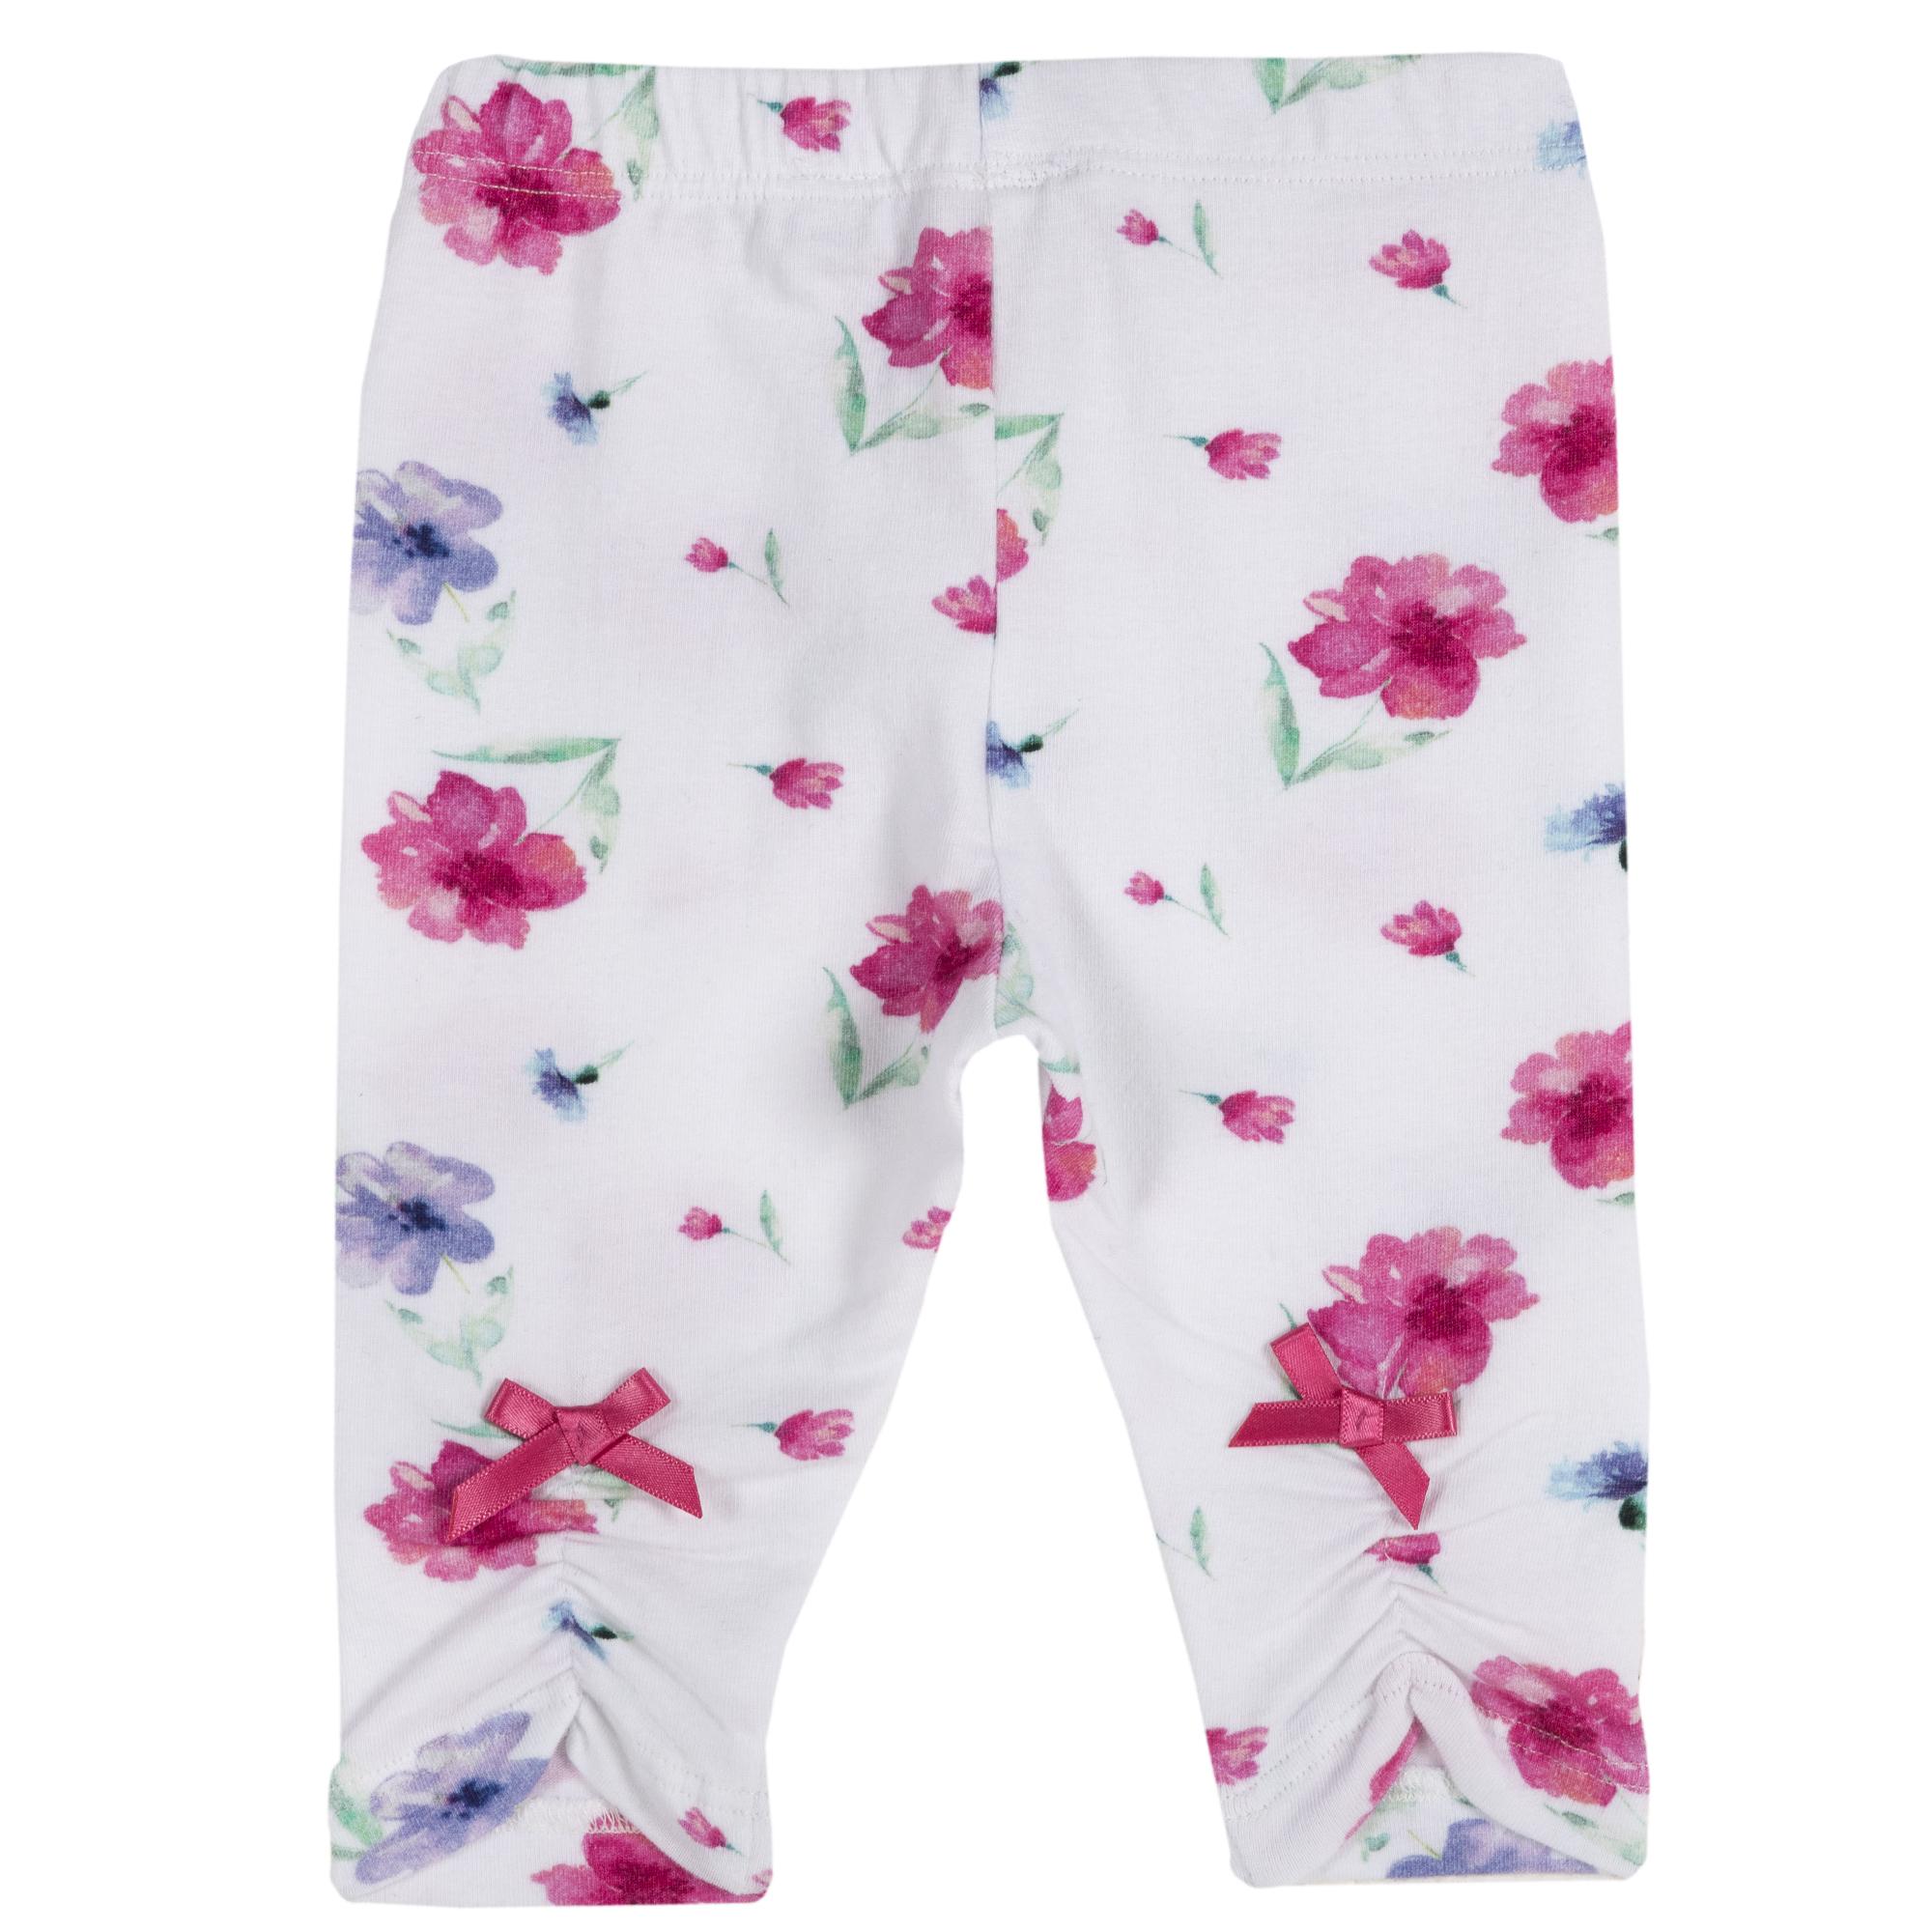 Colanti legings pentru fetite, Chicco, imprimeu floral, 25829 din categoria Colanti, Dresuri